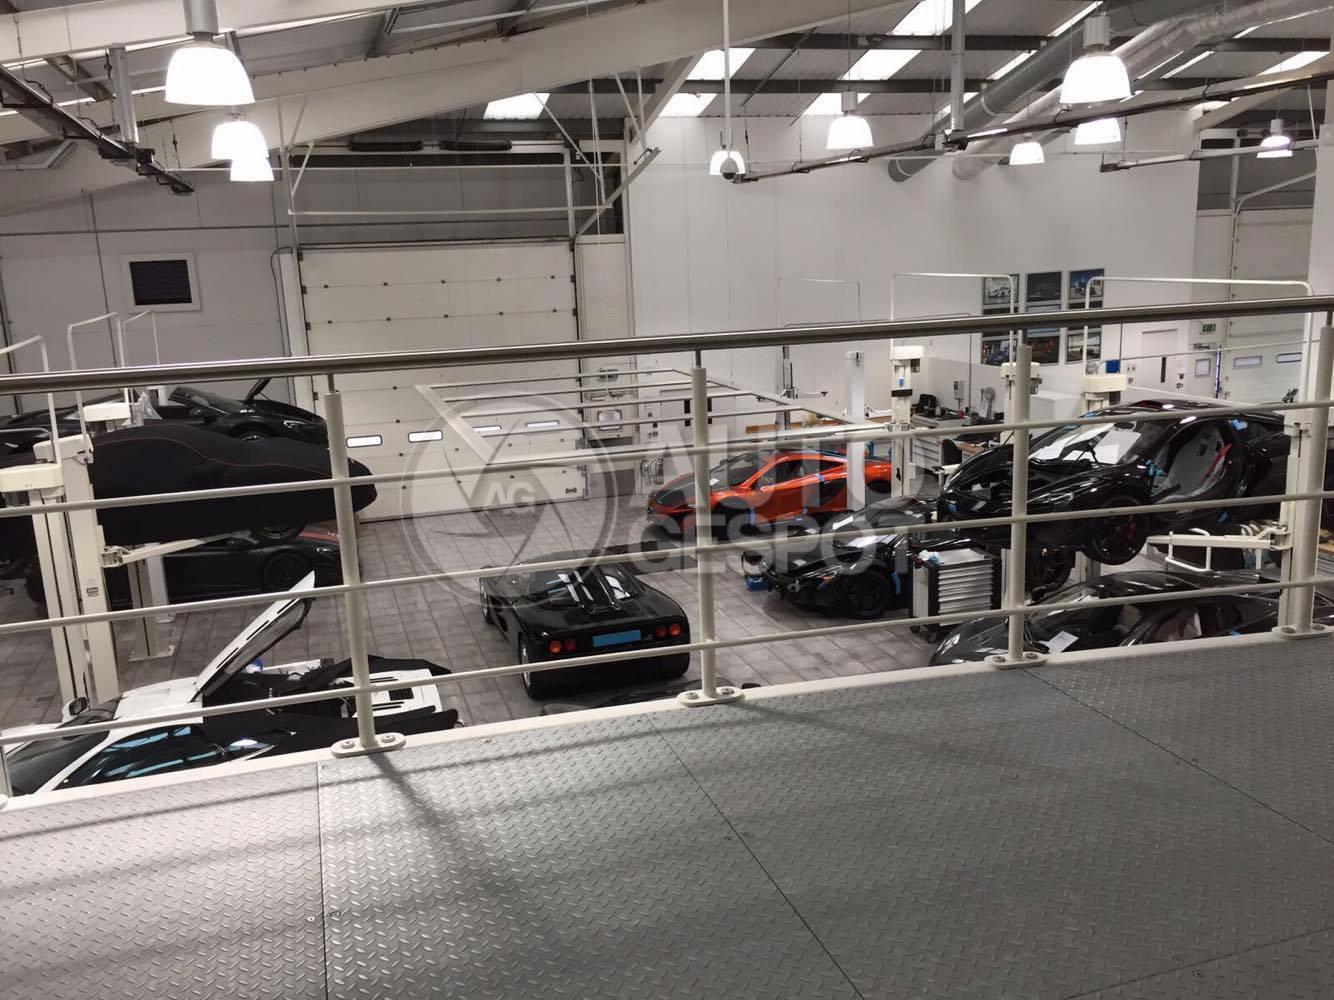 Een kijkje in de keuken van McLaren MSO